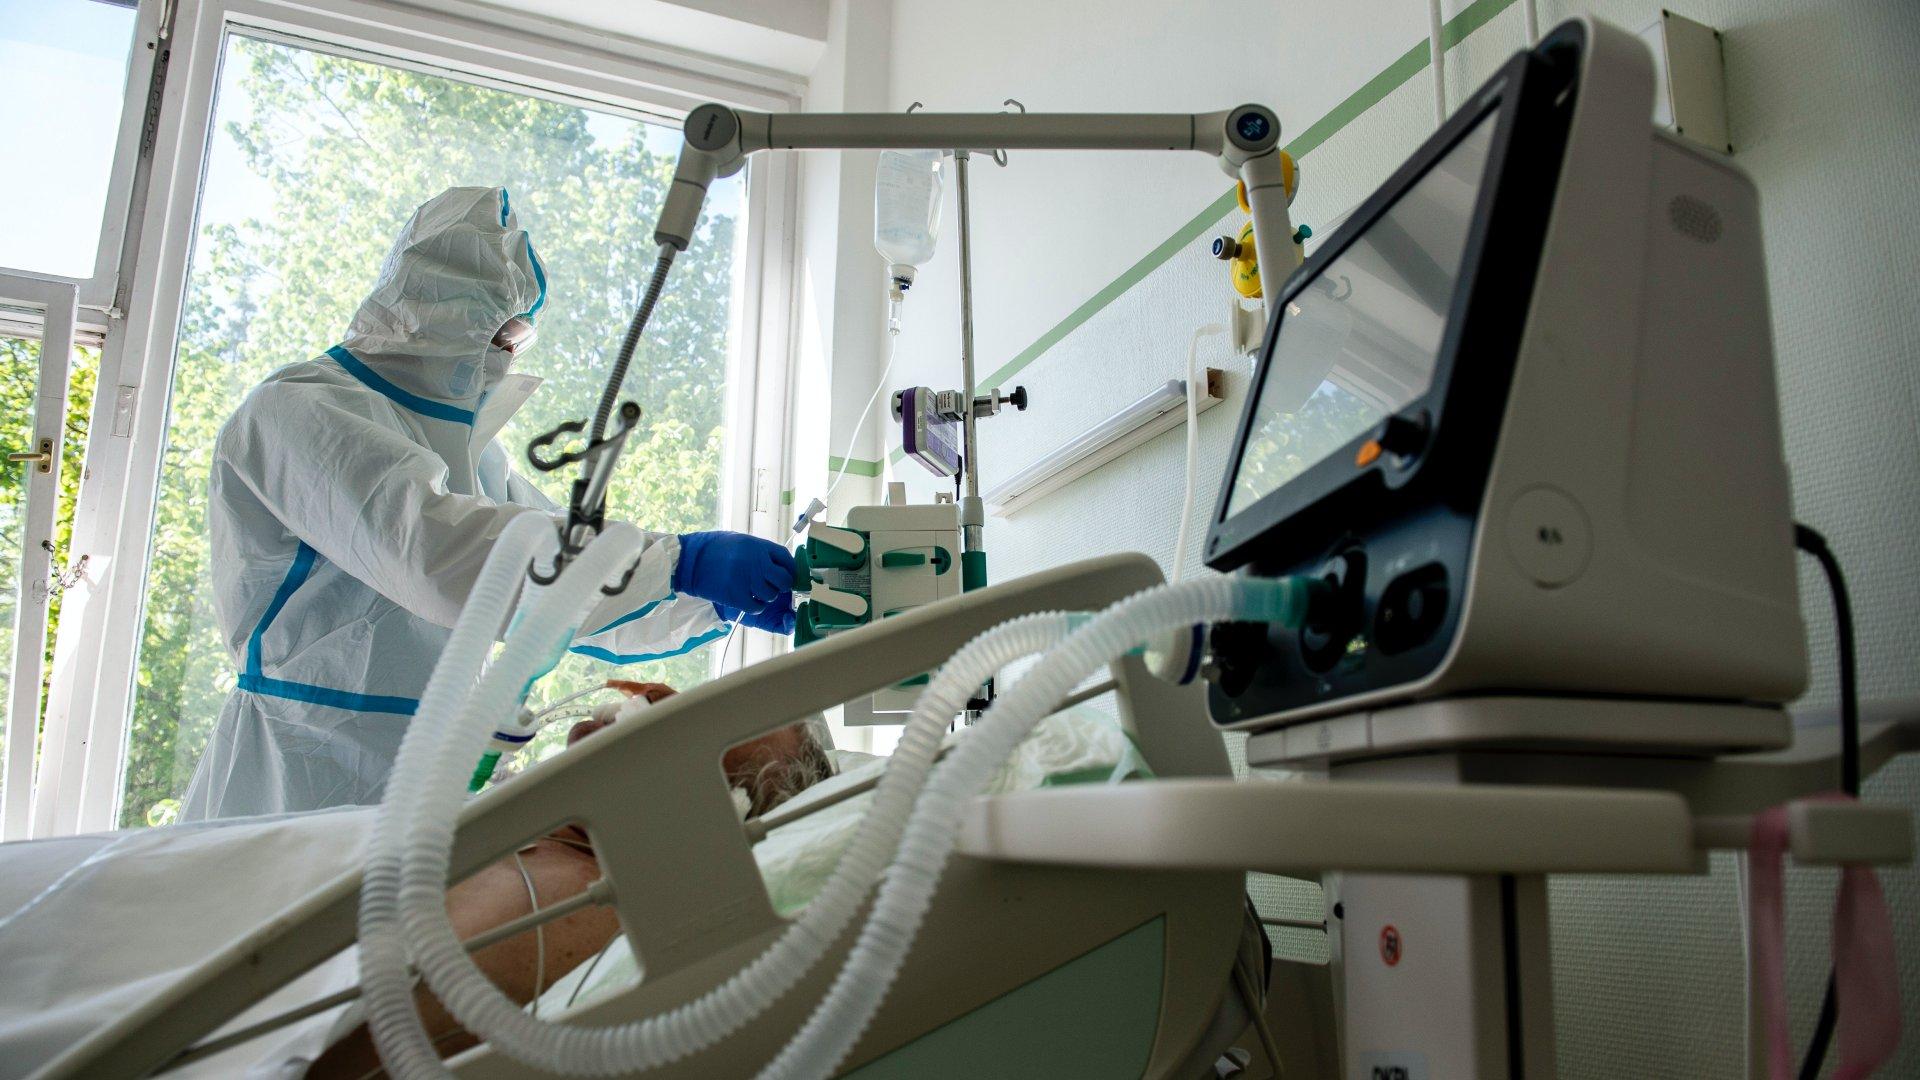 Lélegeztetőgépen lévő koronavírusos beteg